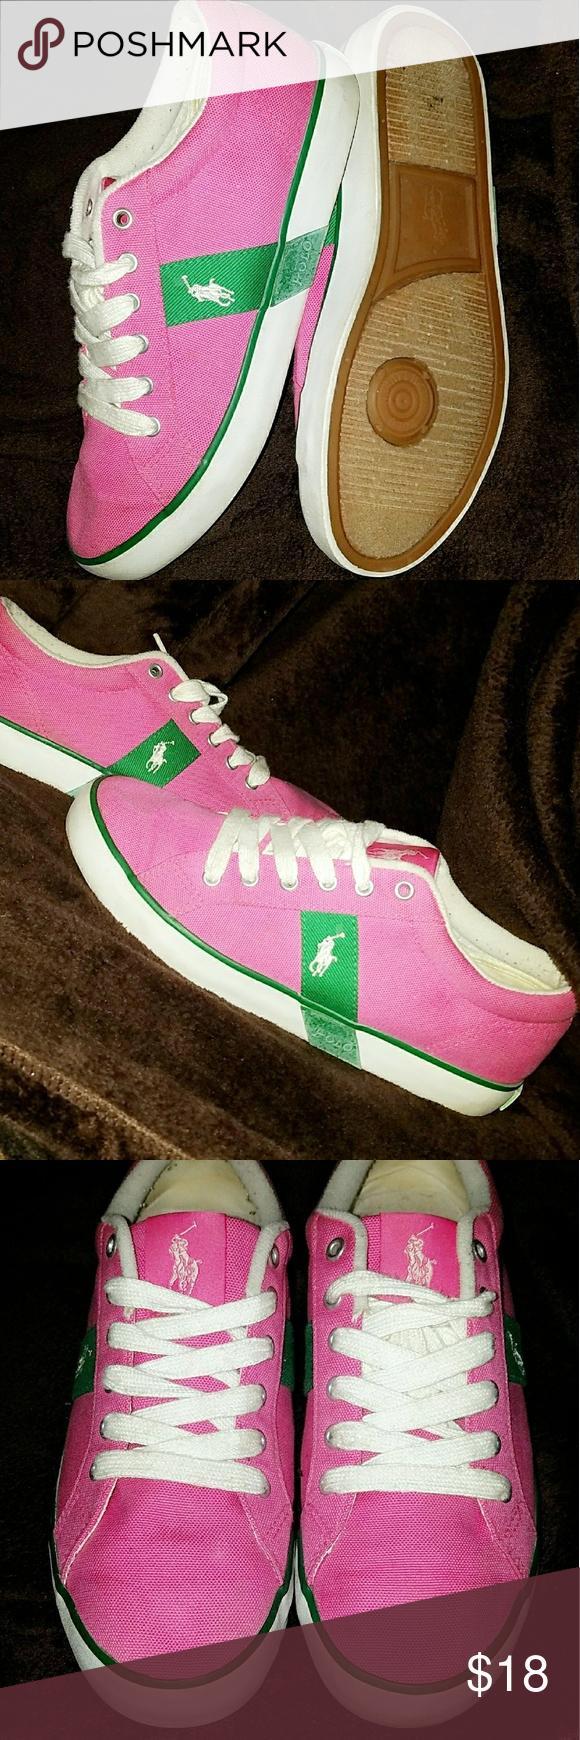 Women's Pink Polo Ralph Lauren Sneakers